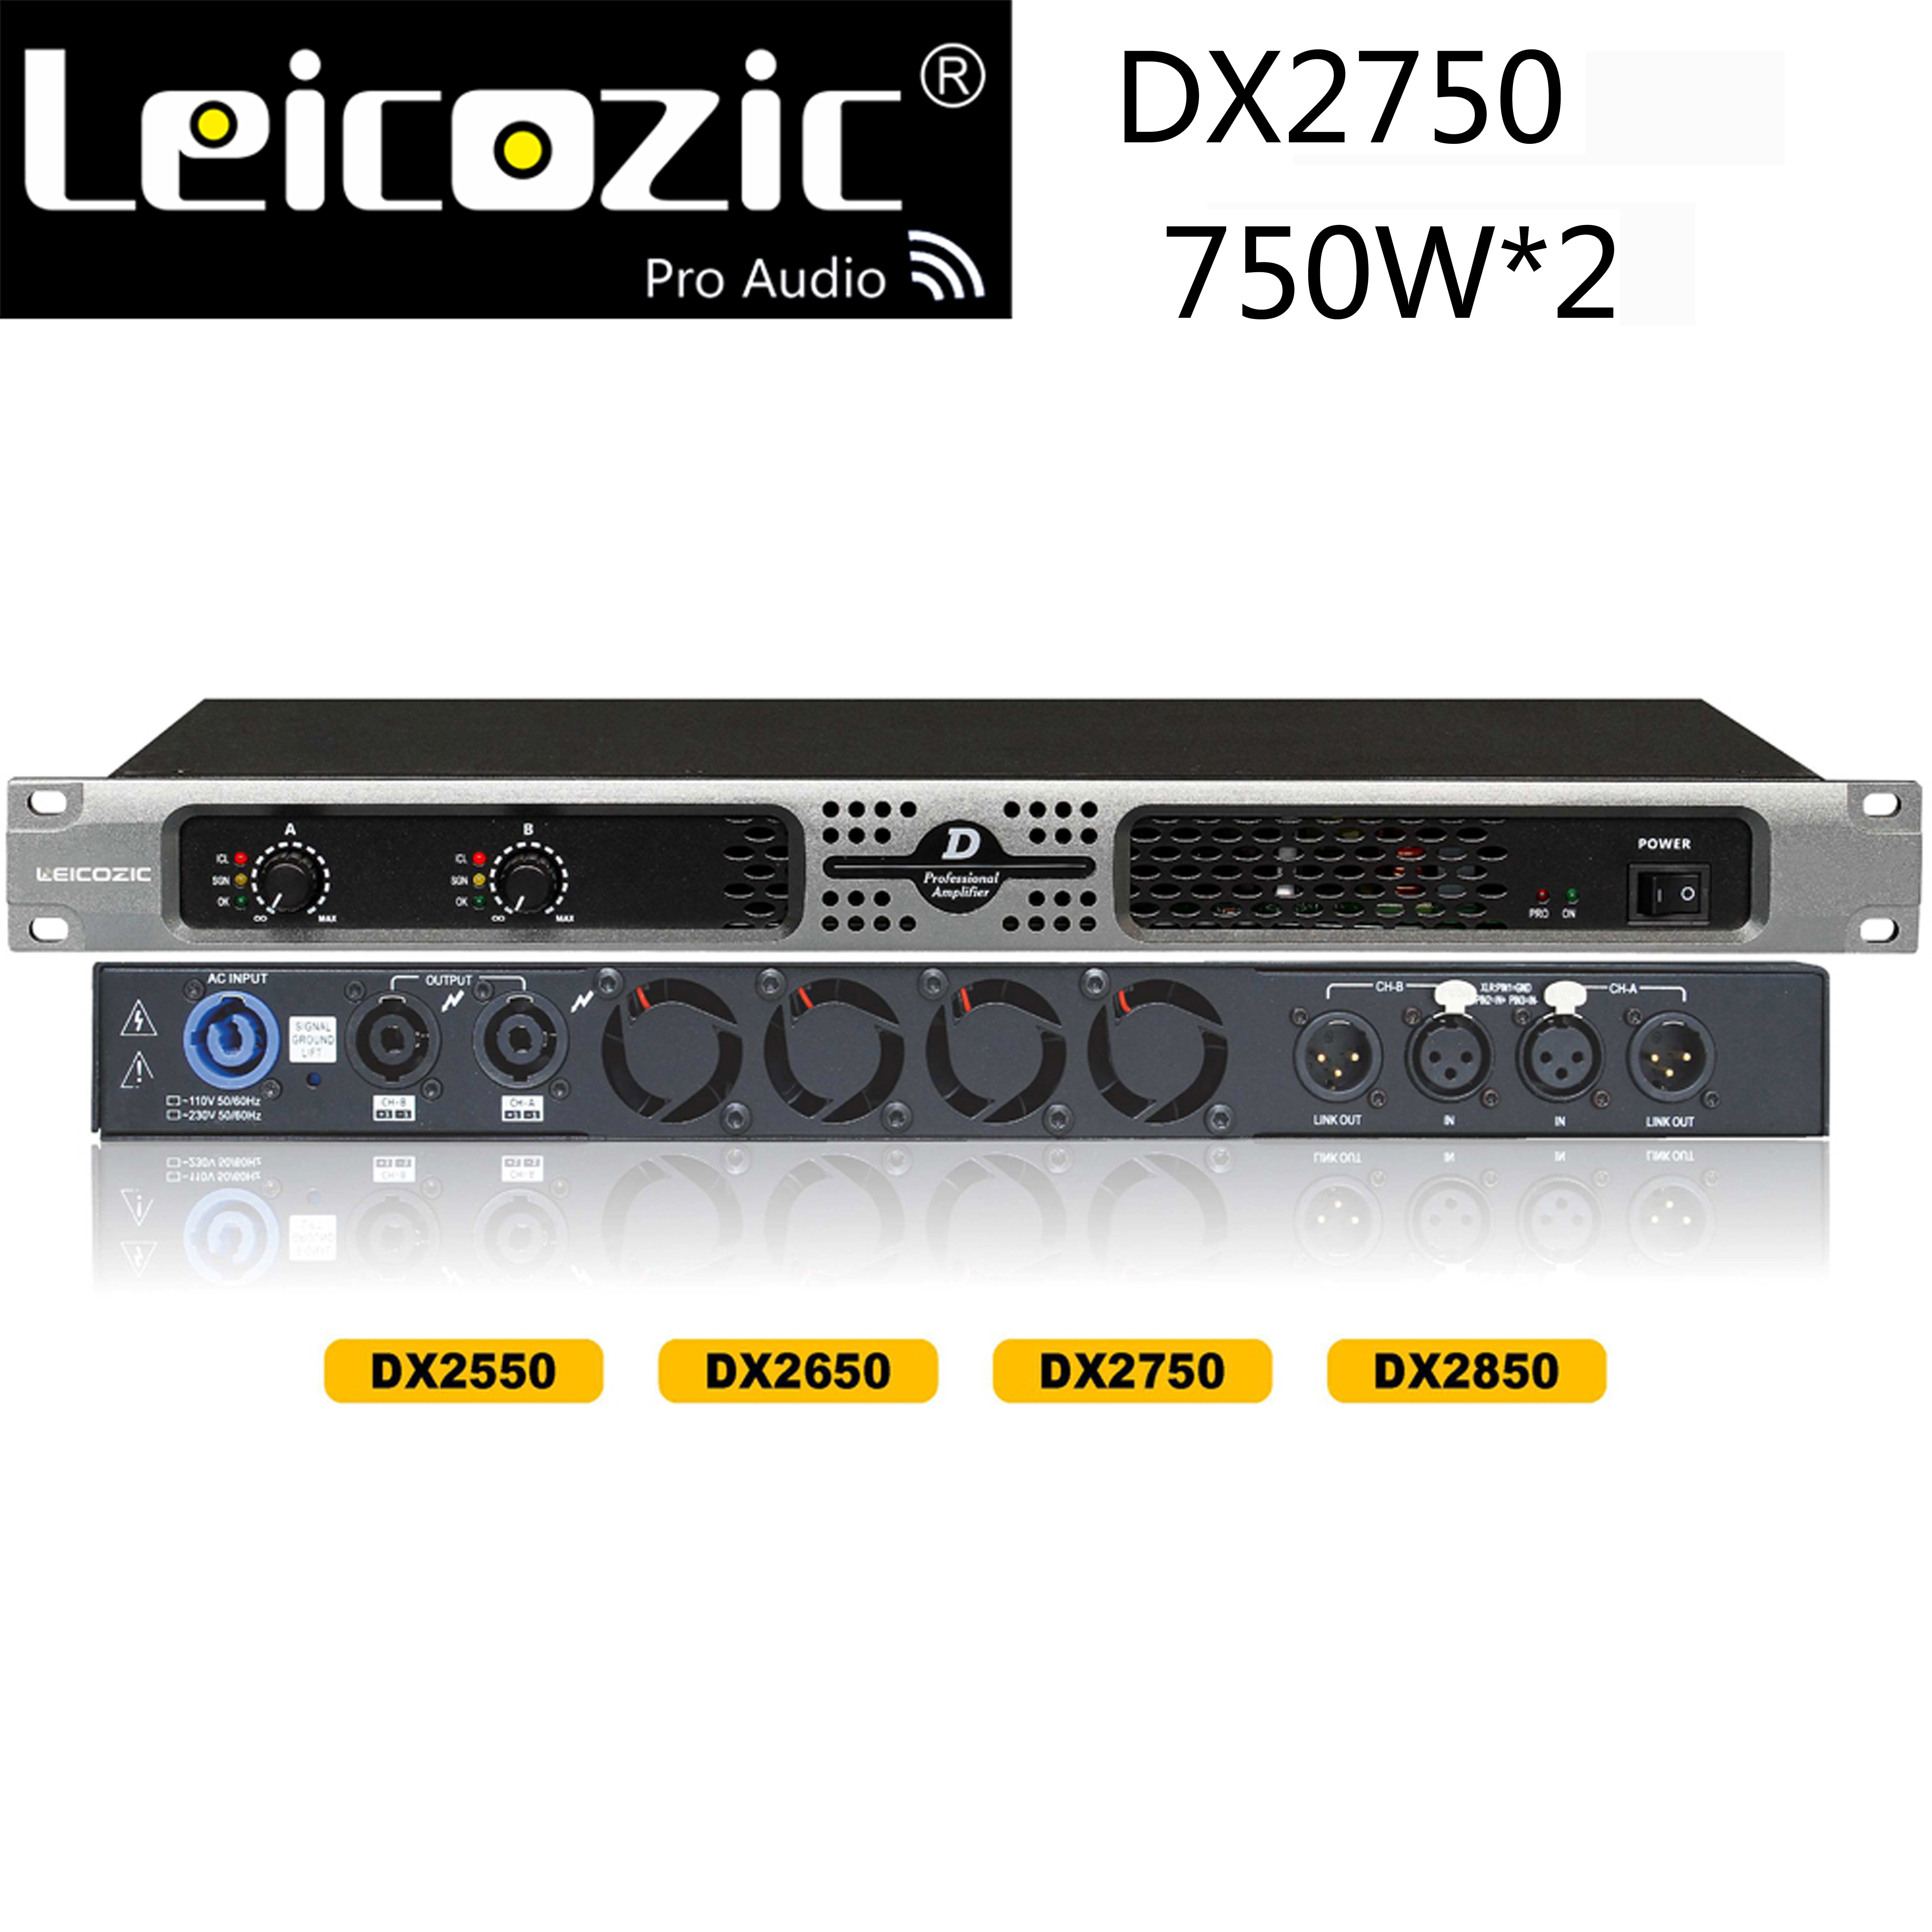 Leicozic-مضخم صوت احترافي من الفئة d ، 1200 واط ، 4 أوم ، DX2750 RMS